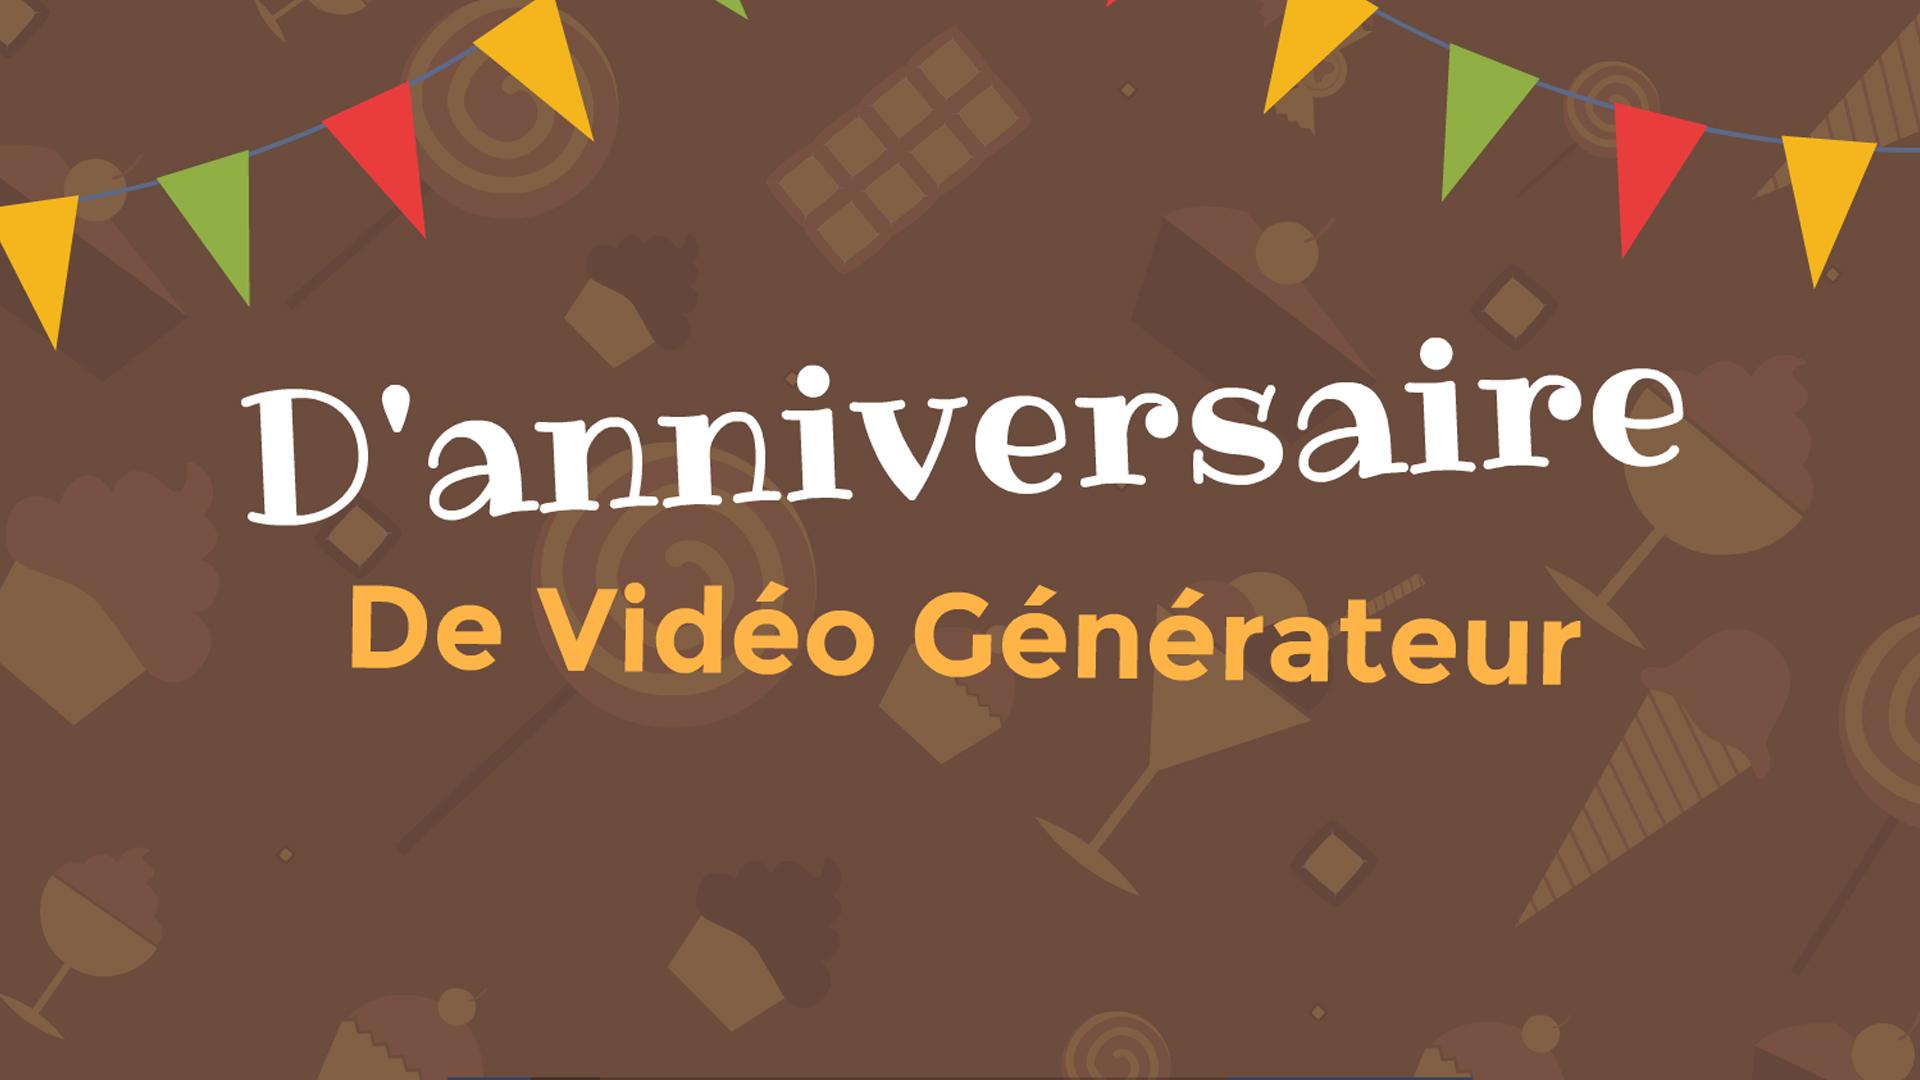 Generateur De Videos D Anniversaire Avec Modeles Gratuits Et Chansons